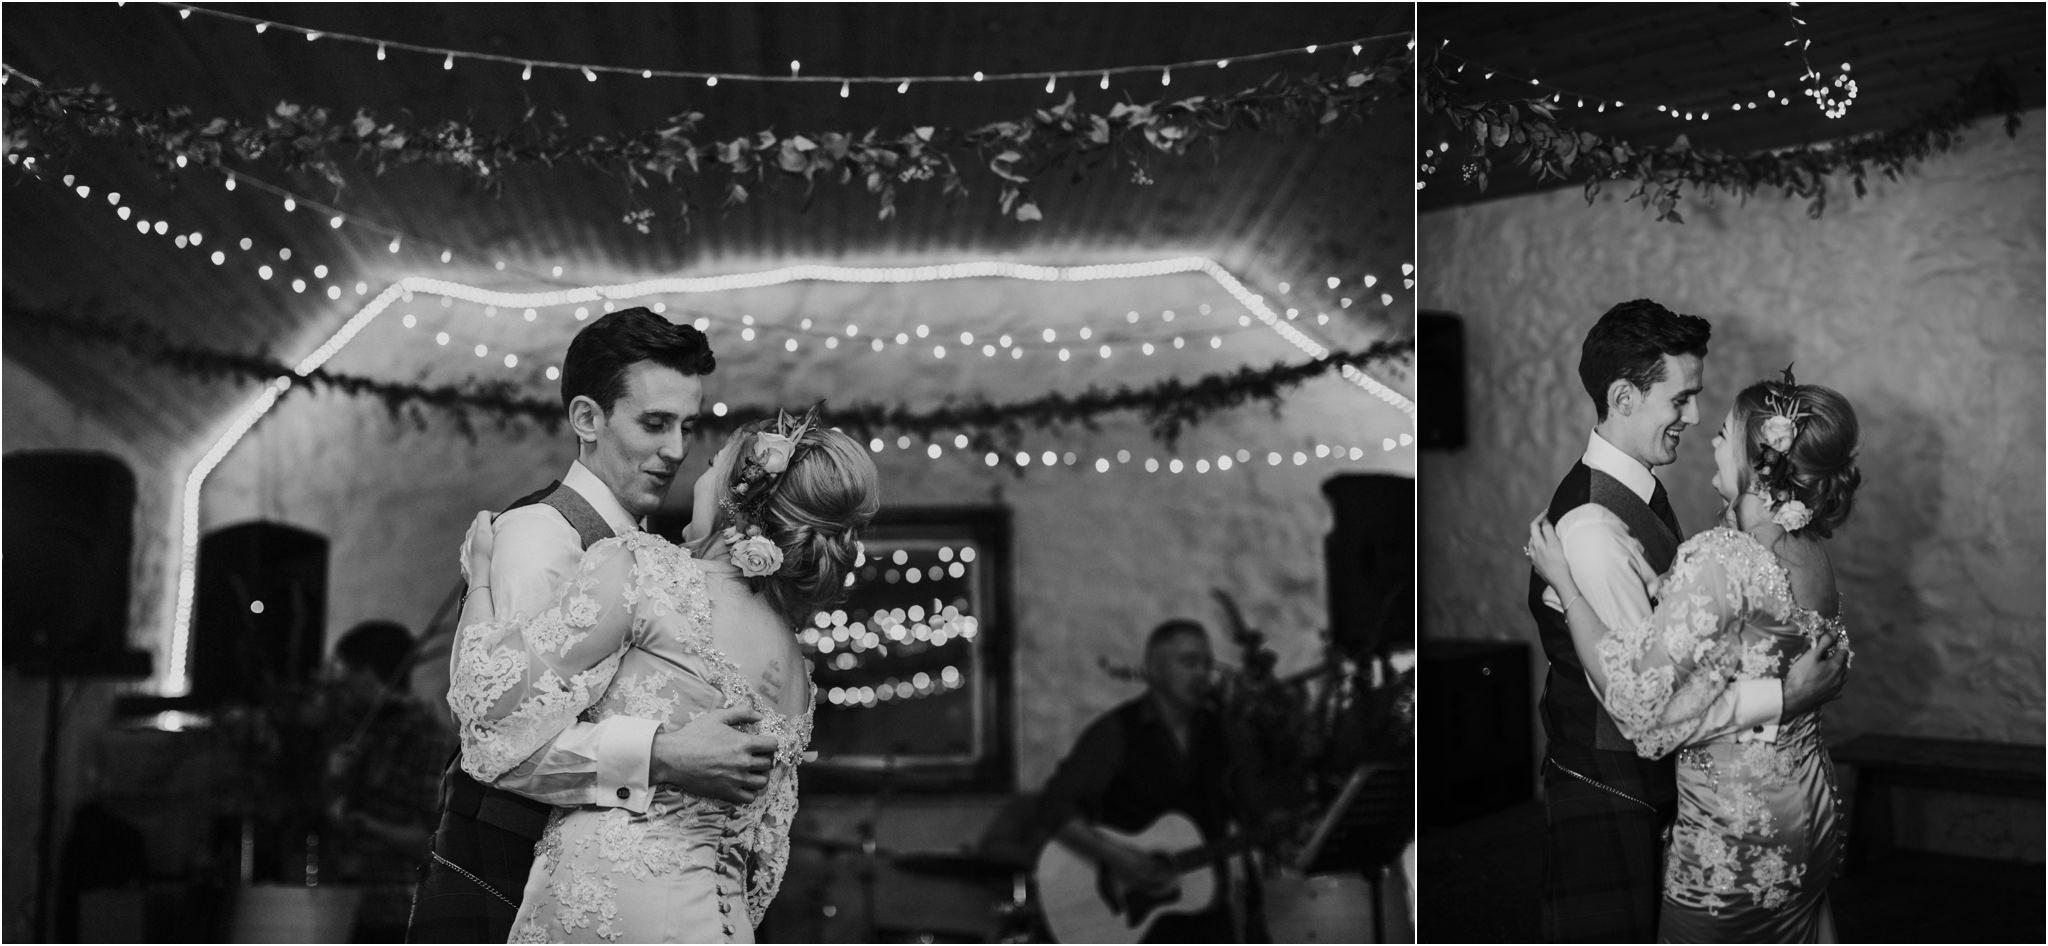 Photography 78 - Glasgow Wedding Photographer - Pete & Eilidh - Dalduff Farm_0101.jpg